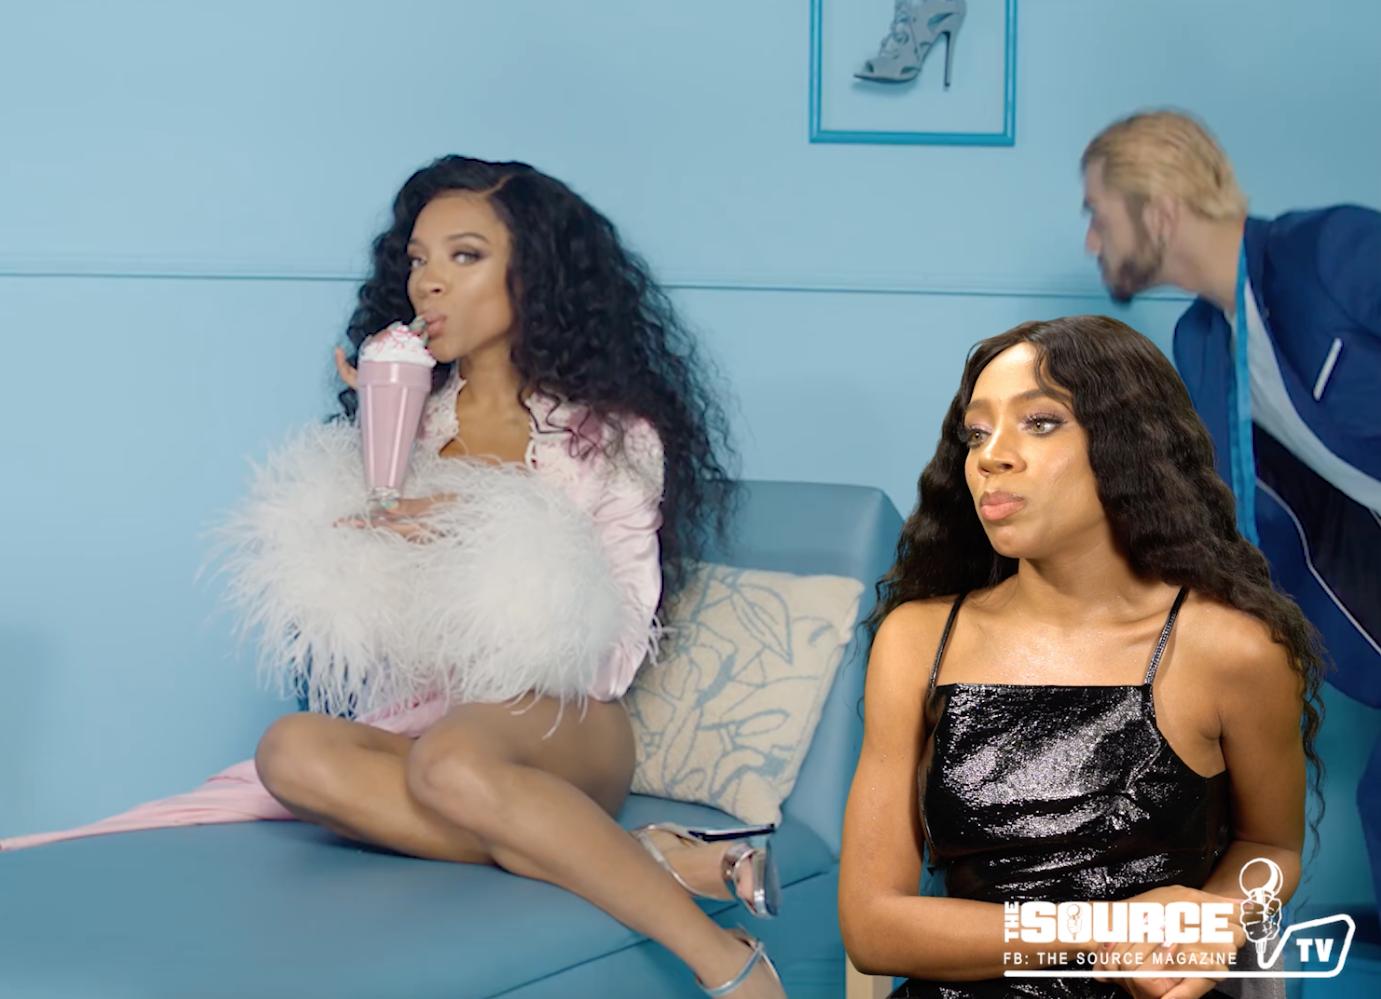 2019 Rose Namajunas nude (47 photo), Pussy, Paparazzi, Selfie, cameltoe 2019